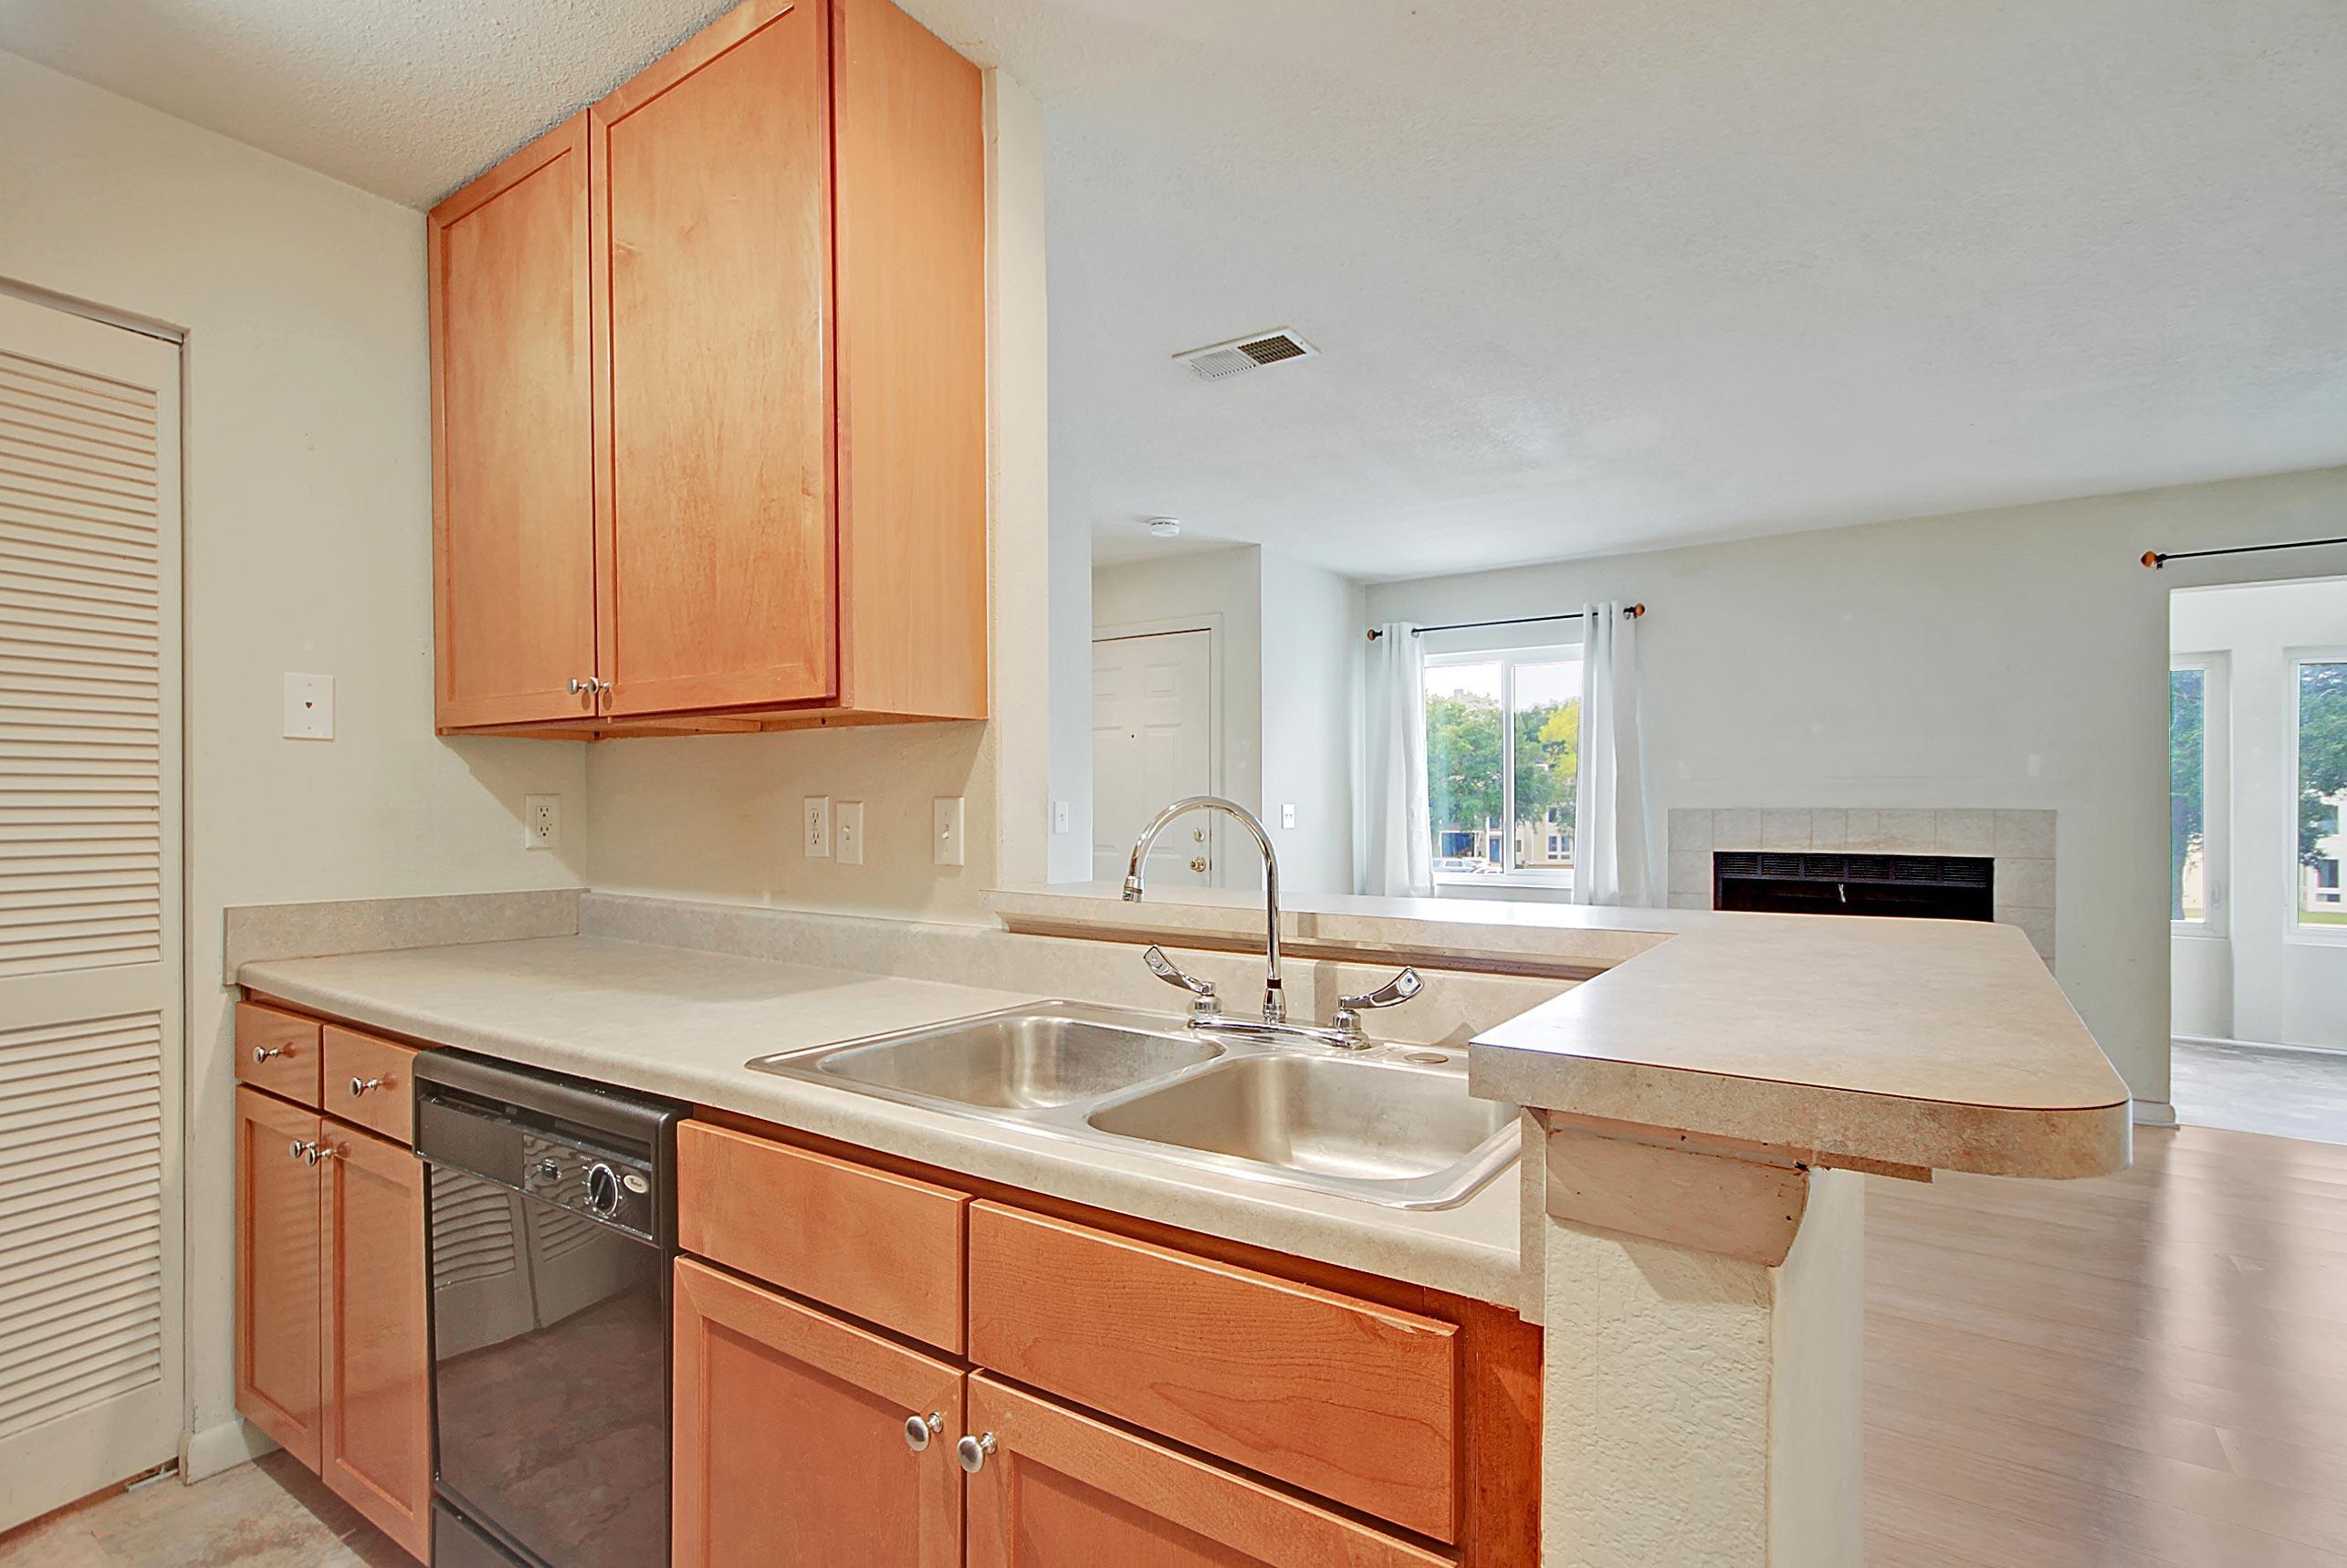 East Bridge Town Lofts Homes For Sale - 273 Alexandra, Mount Pleasant, SC - 19